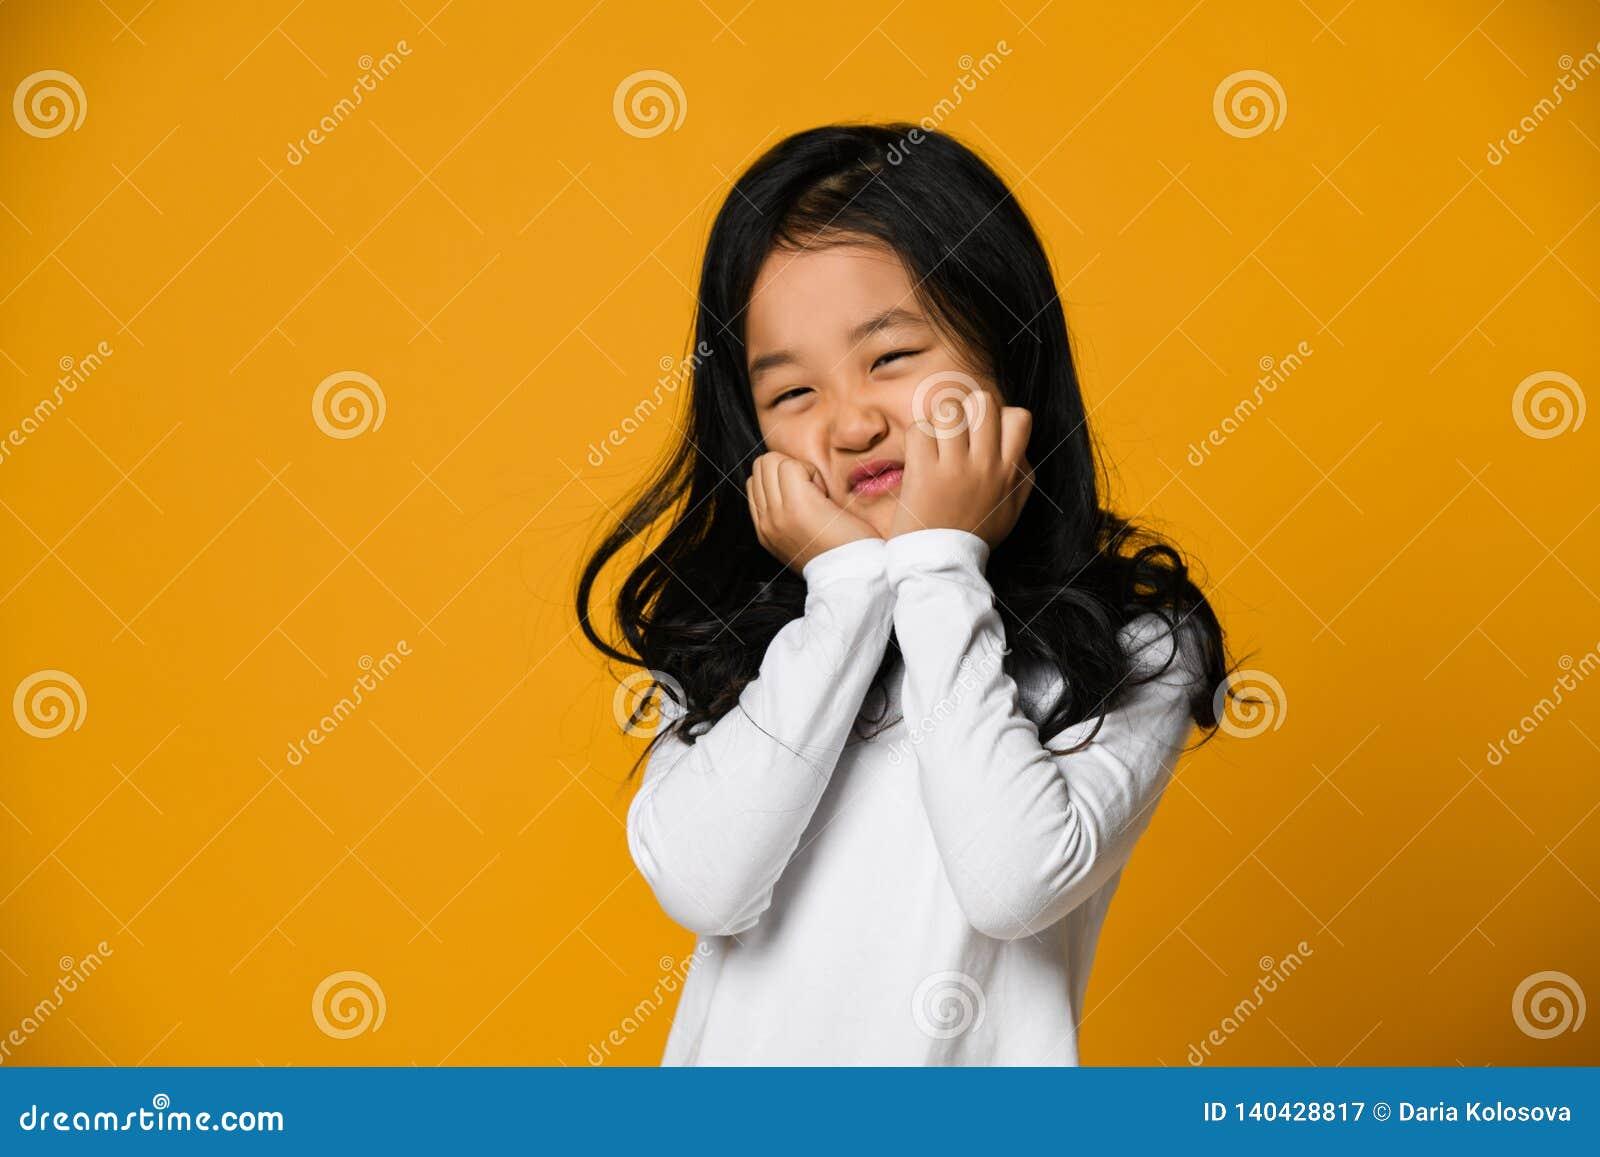 Λυπημένο λίγο ασιατικό κορίτσι έχει το κεφάλι της τα επάνω και λυπημένα βλέμματα